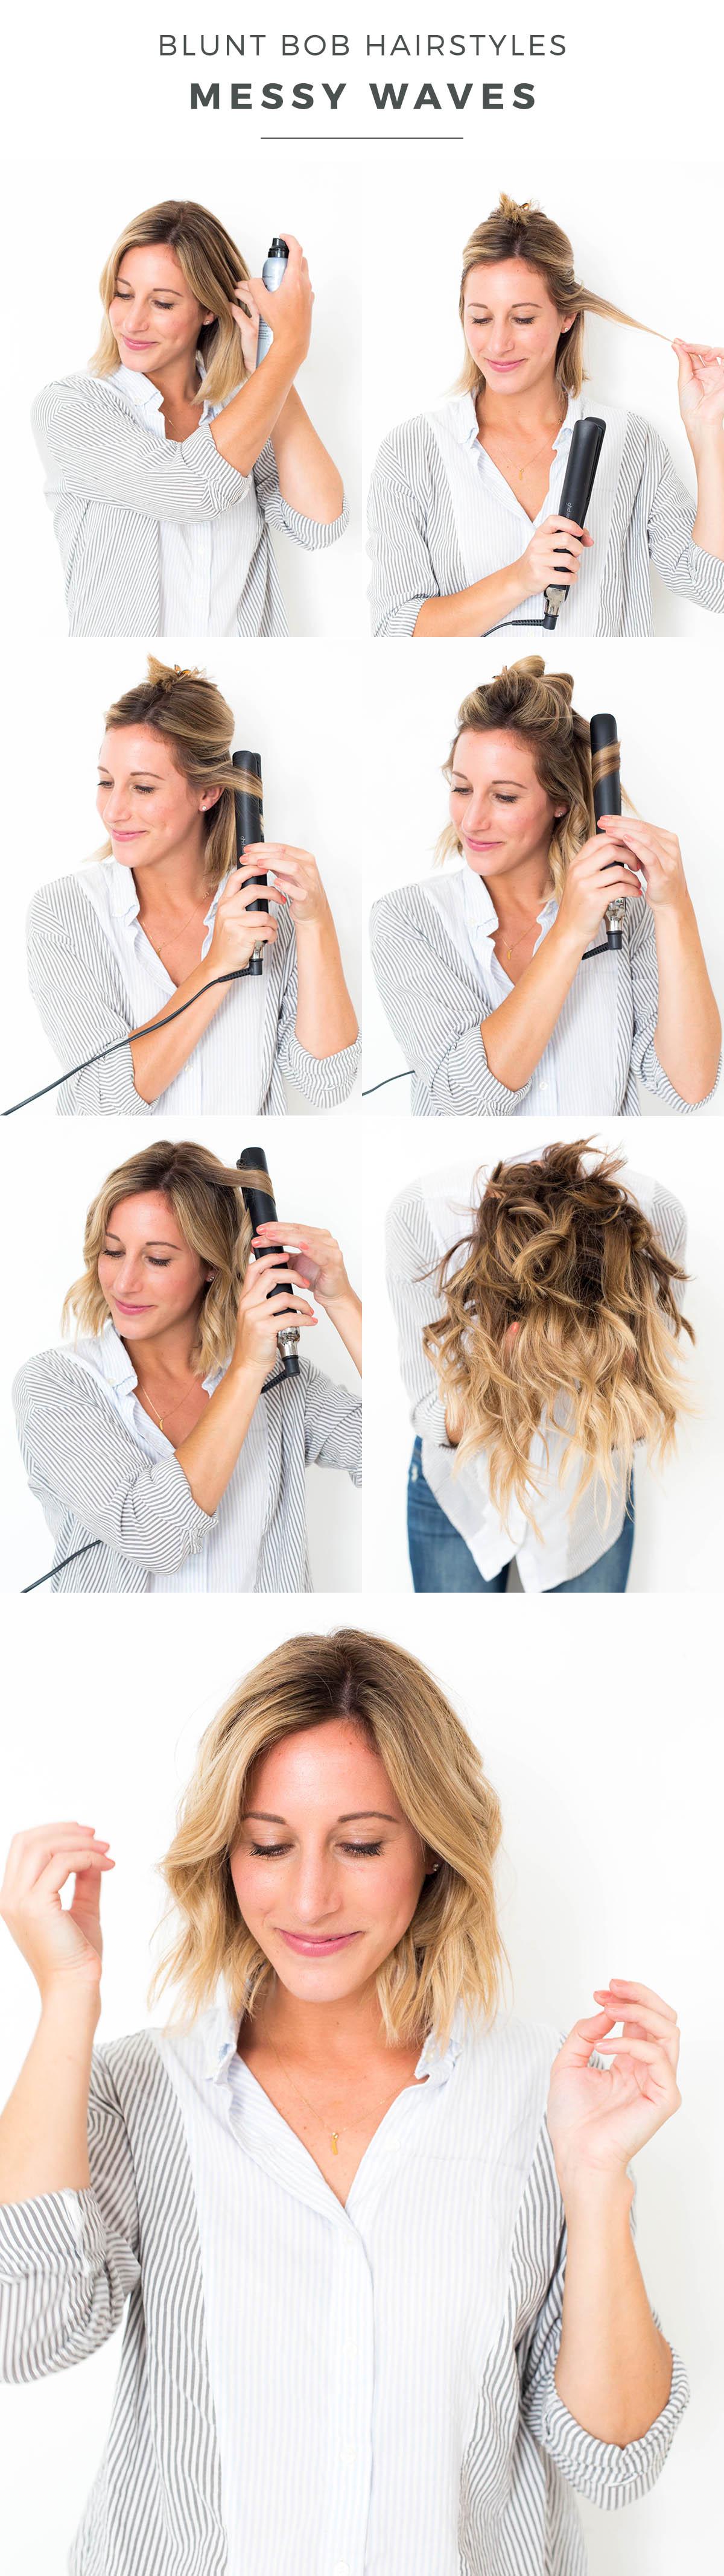 idée de coupe carré femme avec des boucles légères style décoiffé, cheveux au carré flou cheveux mi long blond